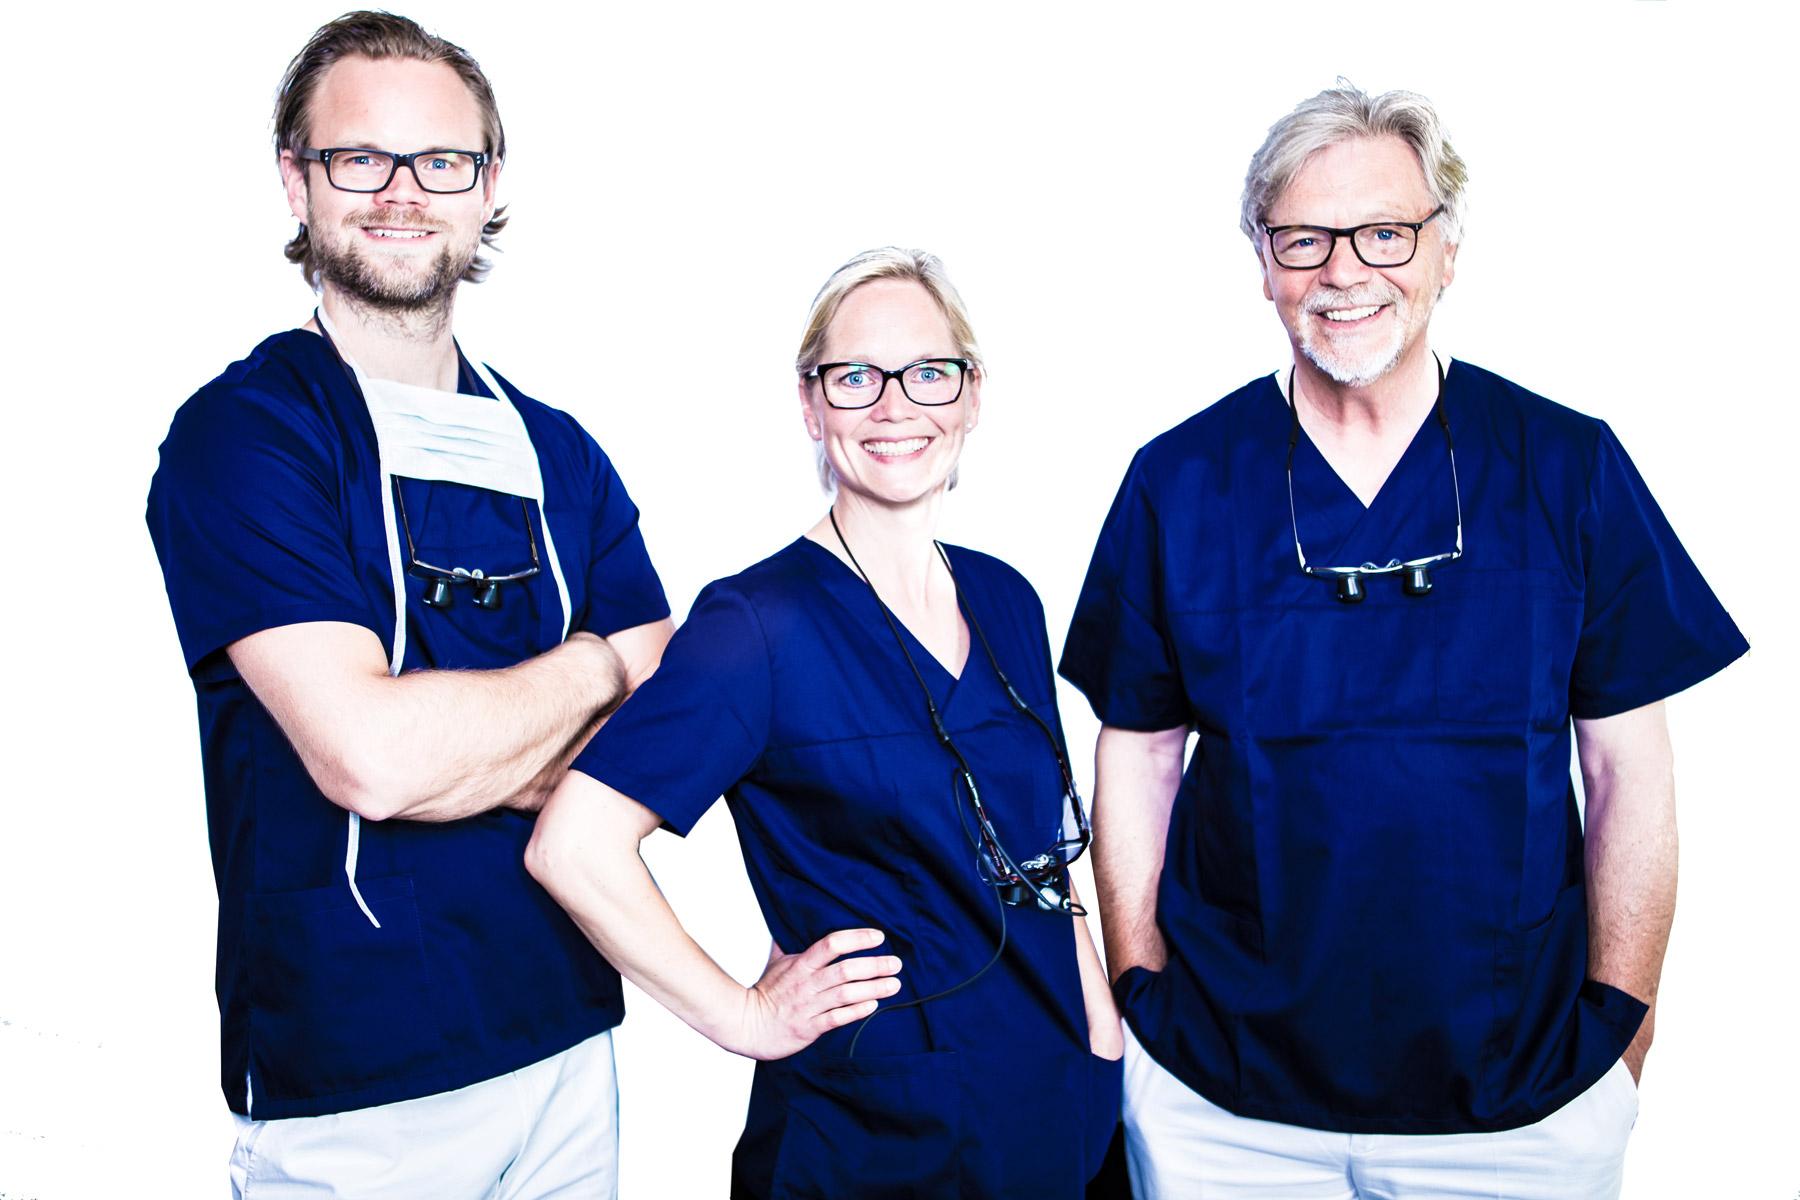 Bei Zahnarztangst genau die richtigen Ansprechpartner: Dr. Clausen und Partner in Lübeck